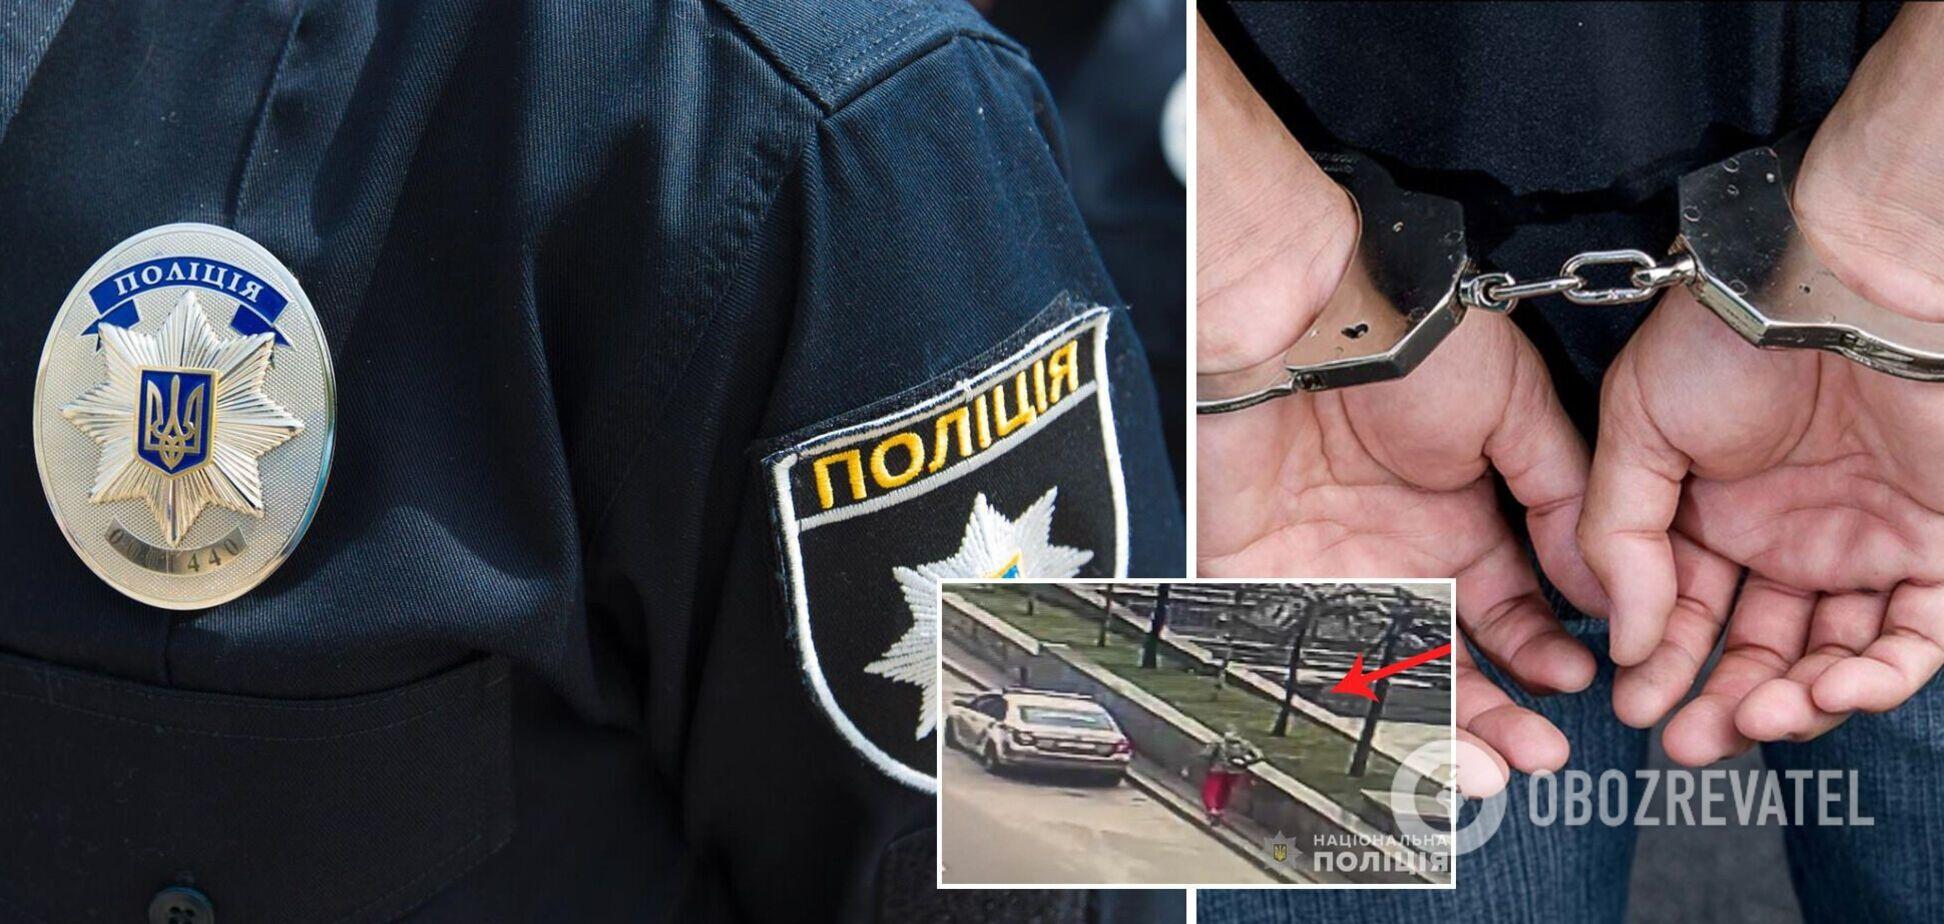 У Києві хлопець заради хайпу запустив в обличчя поліцейського тарілкою з вершками. Відео пранку